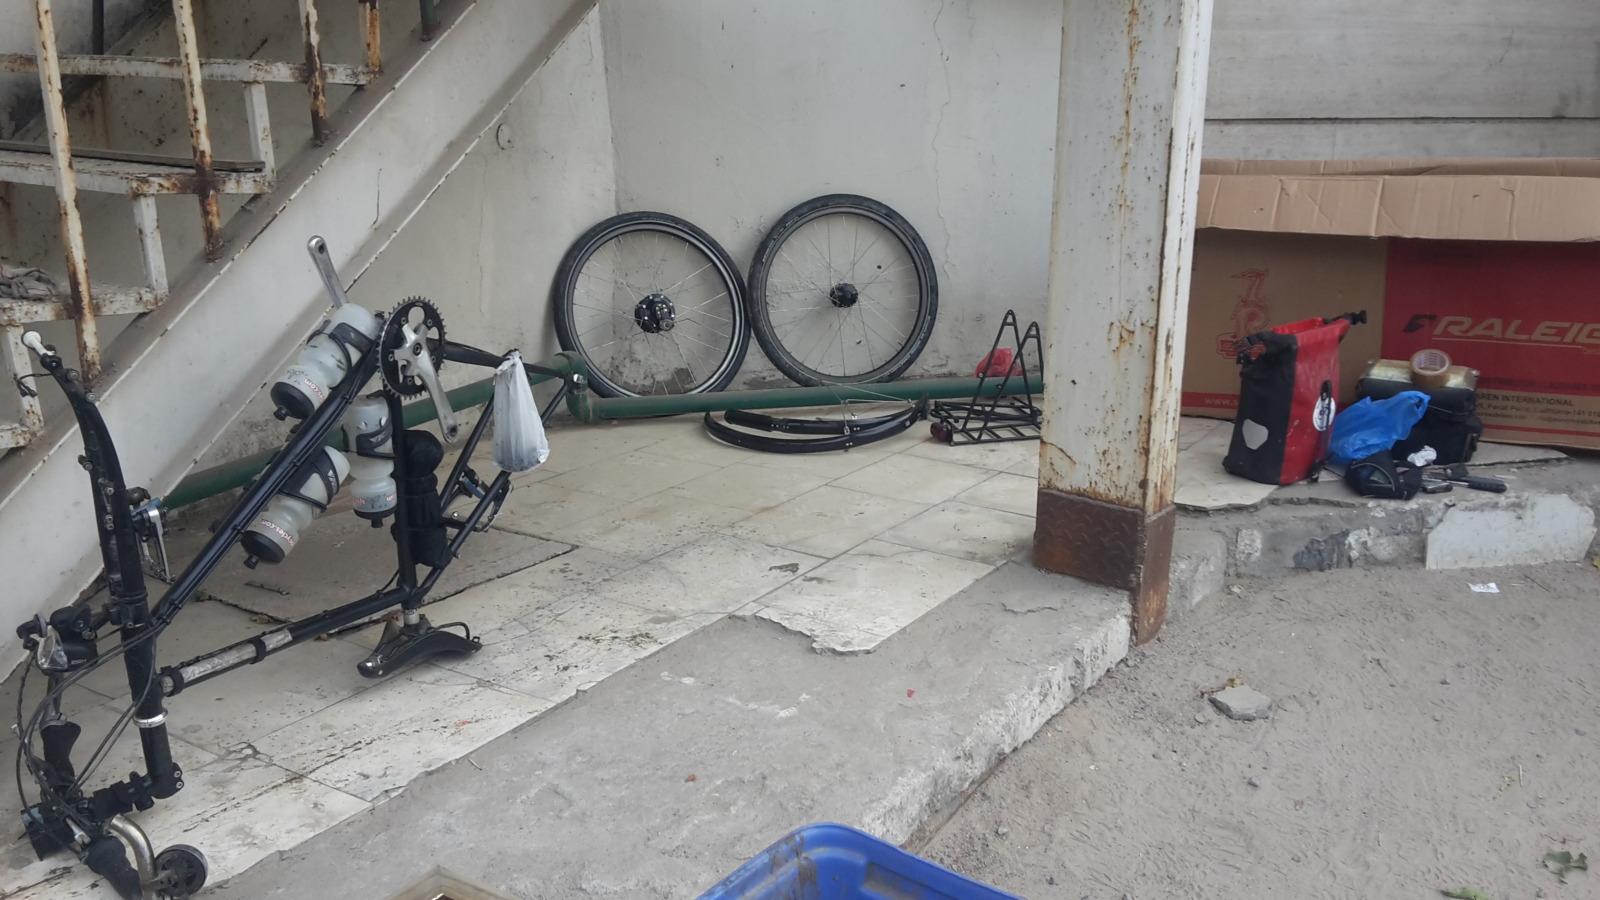 Packing a bike away